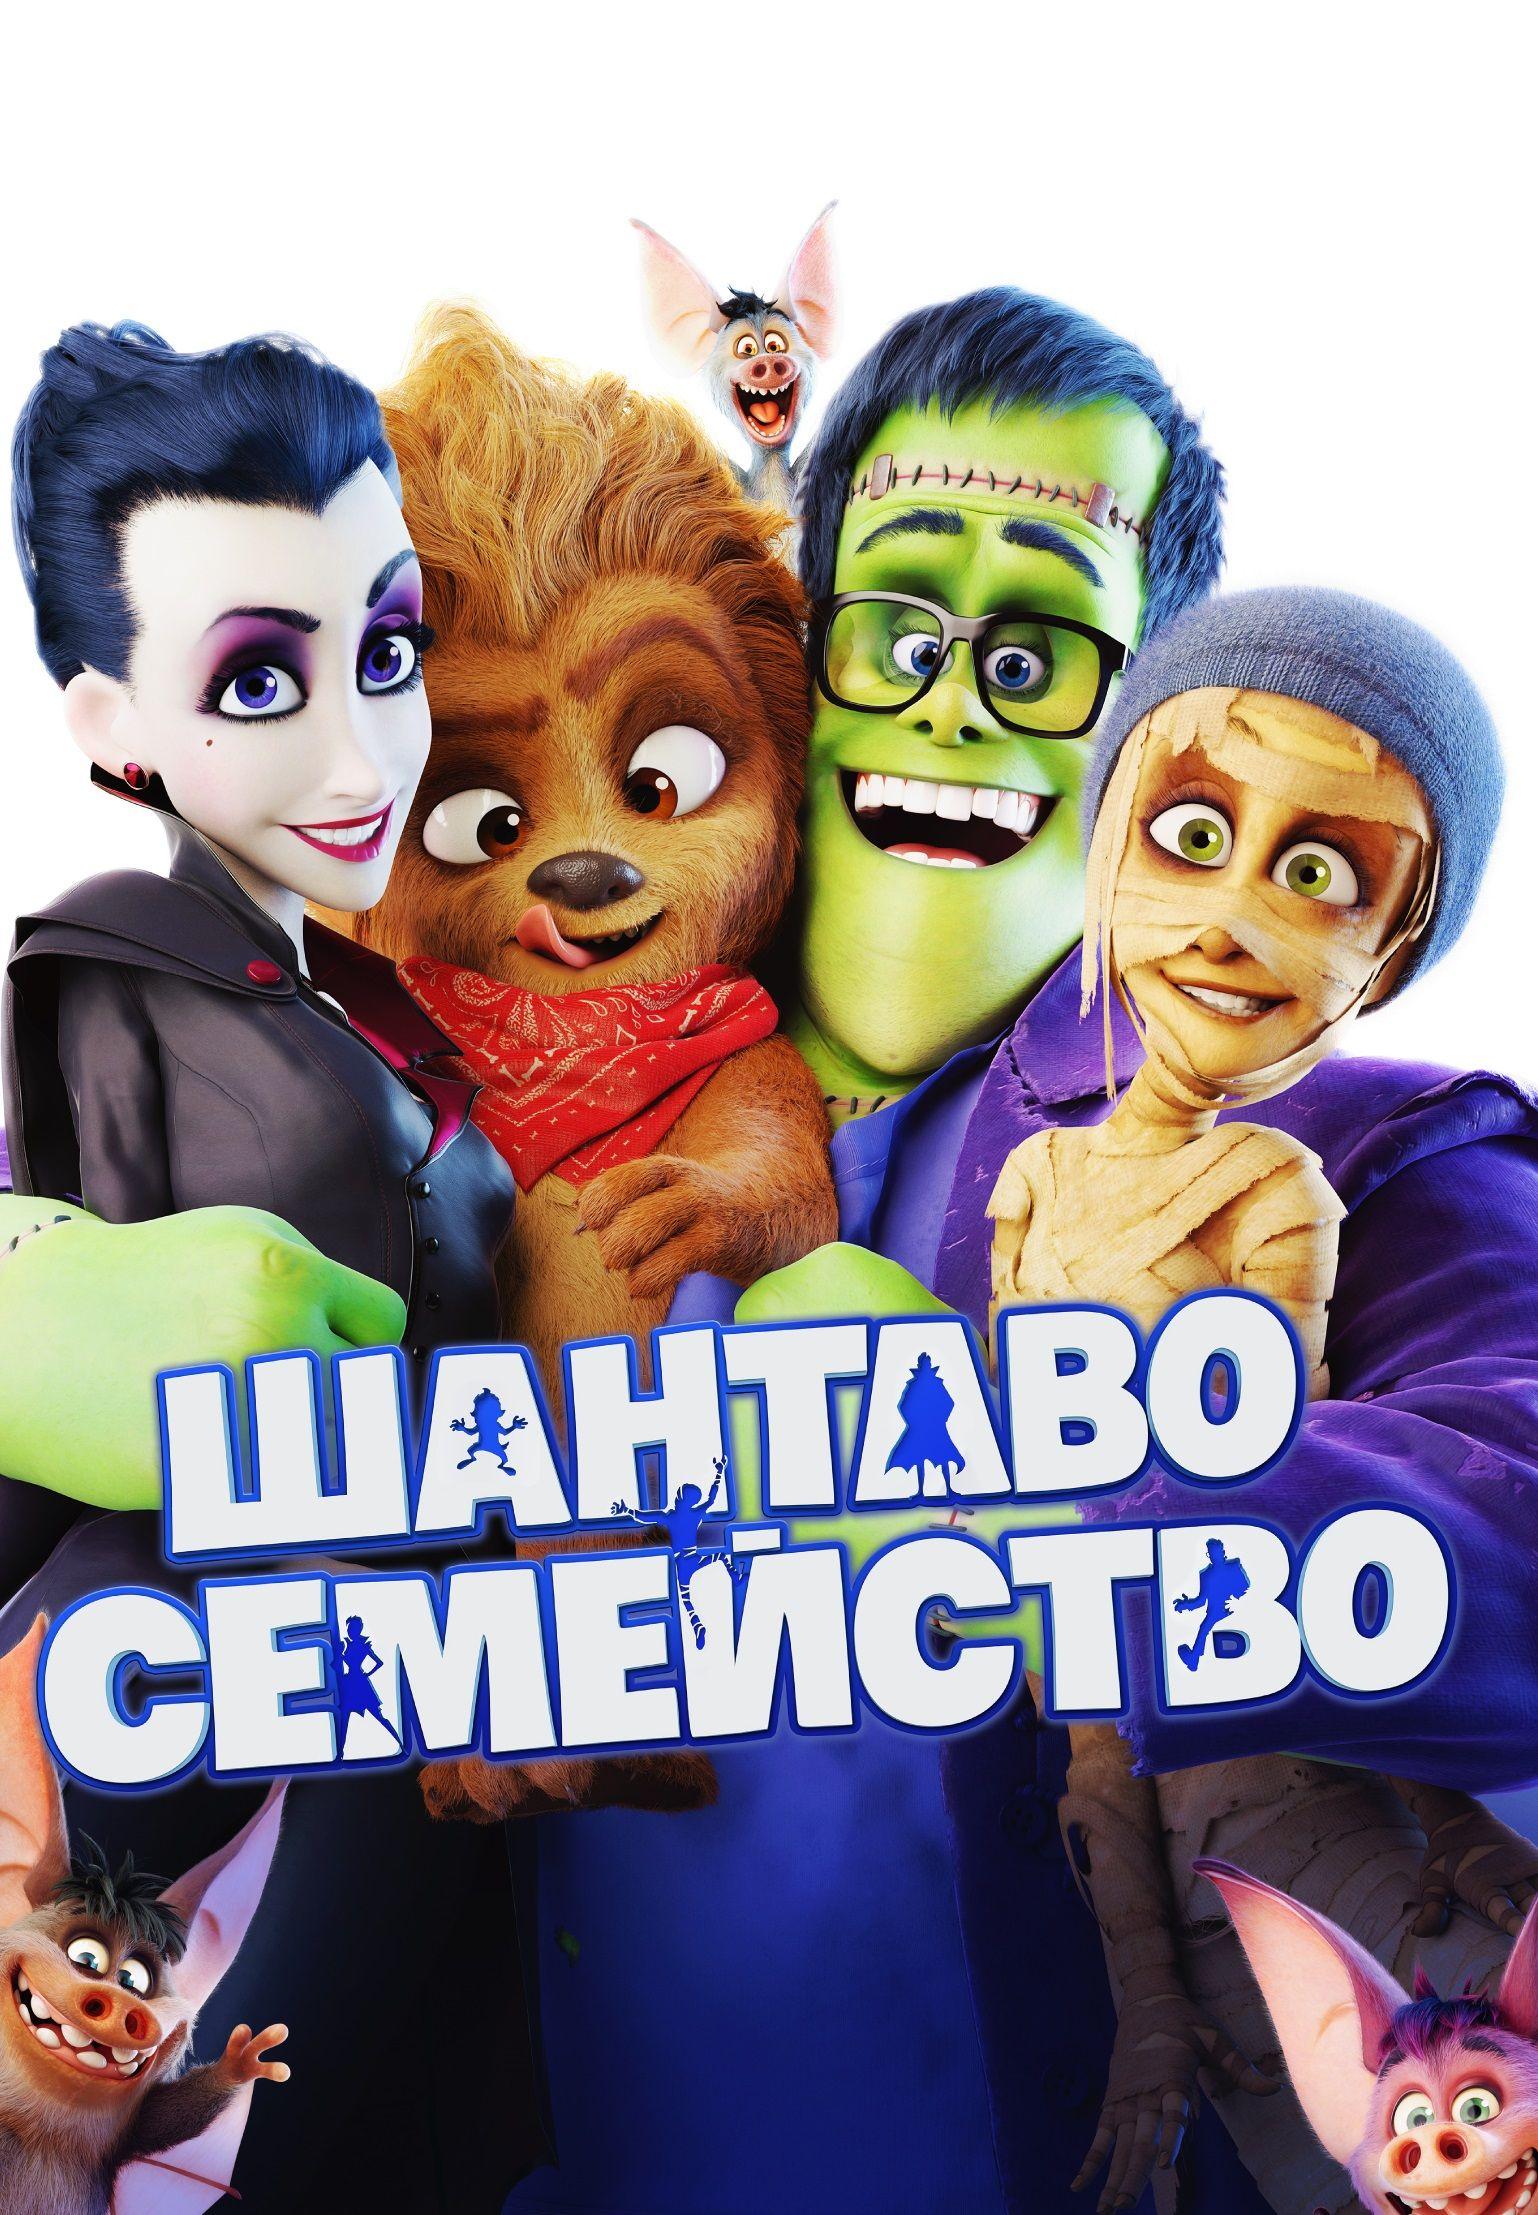 Шантаво семейство (DVD) - 1